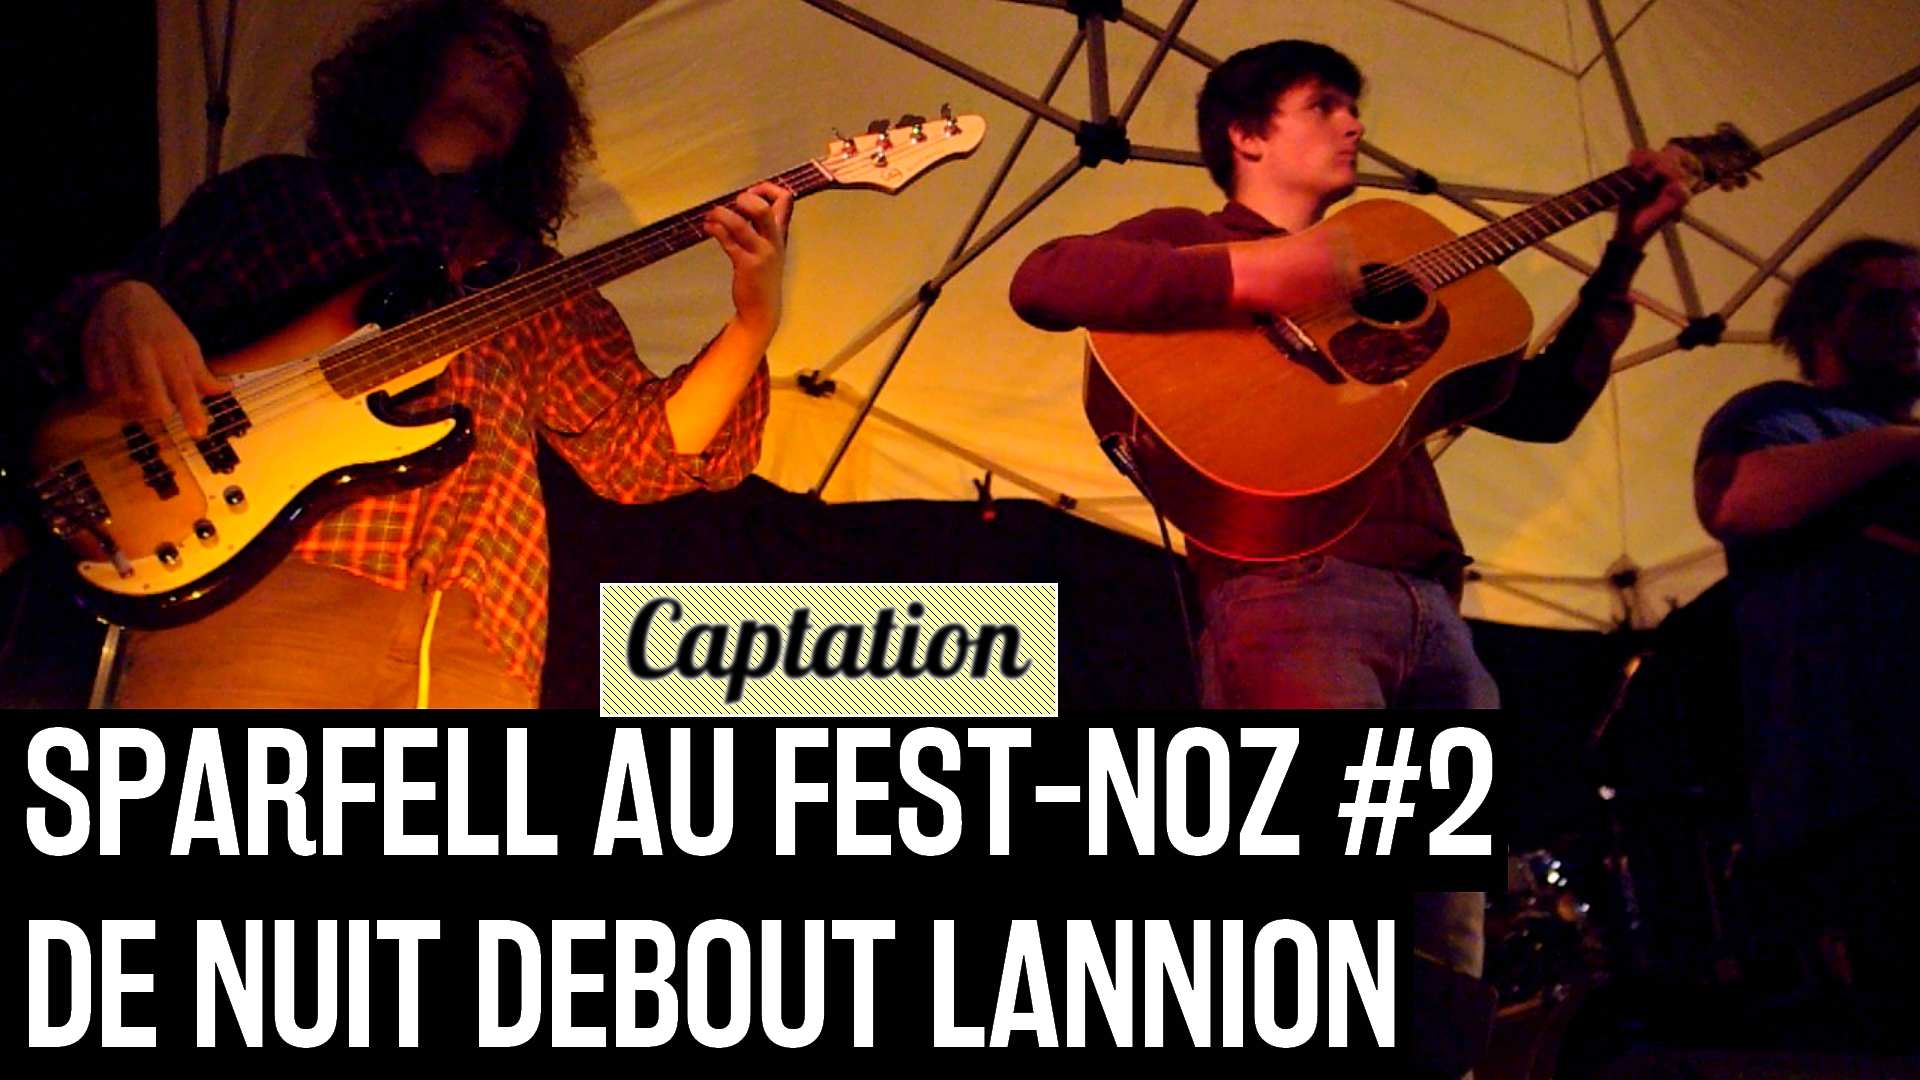 160630 - Fest-Noz Nuit Debout Lannion Sparfell